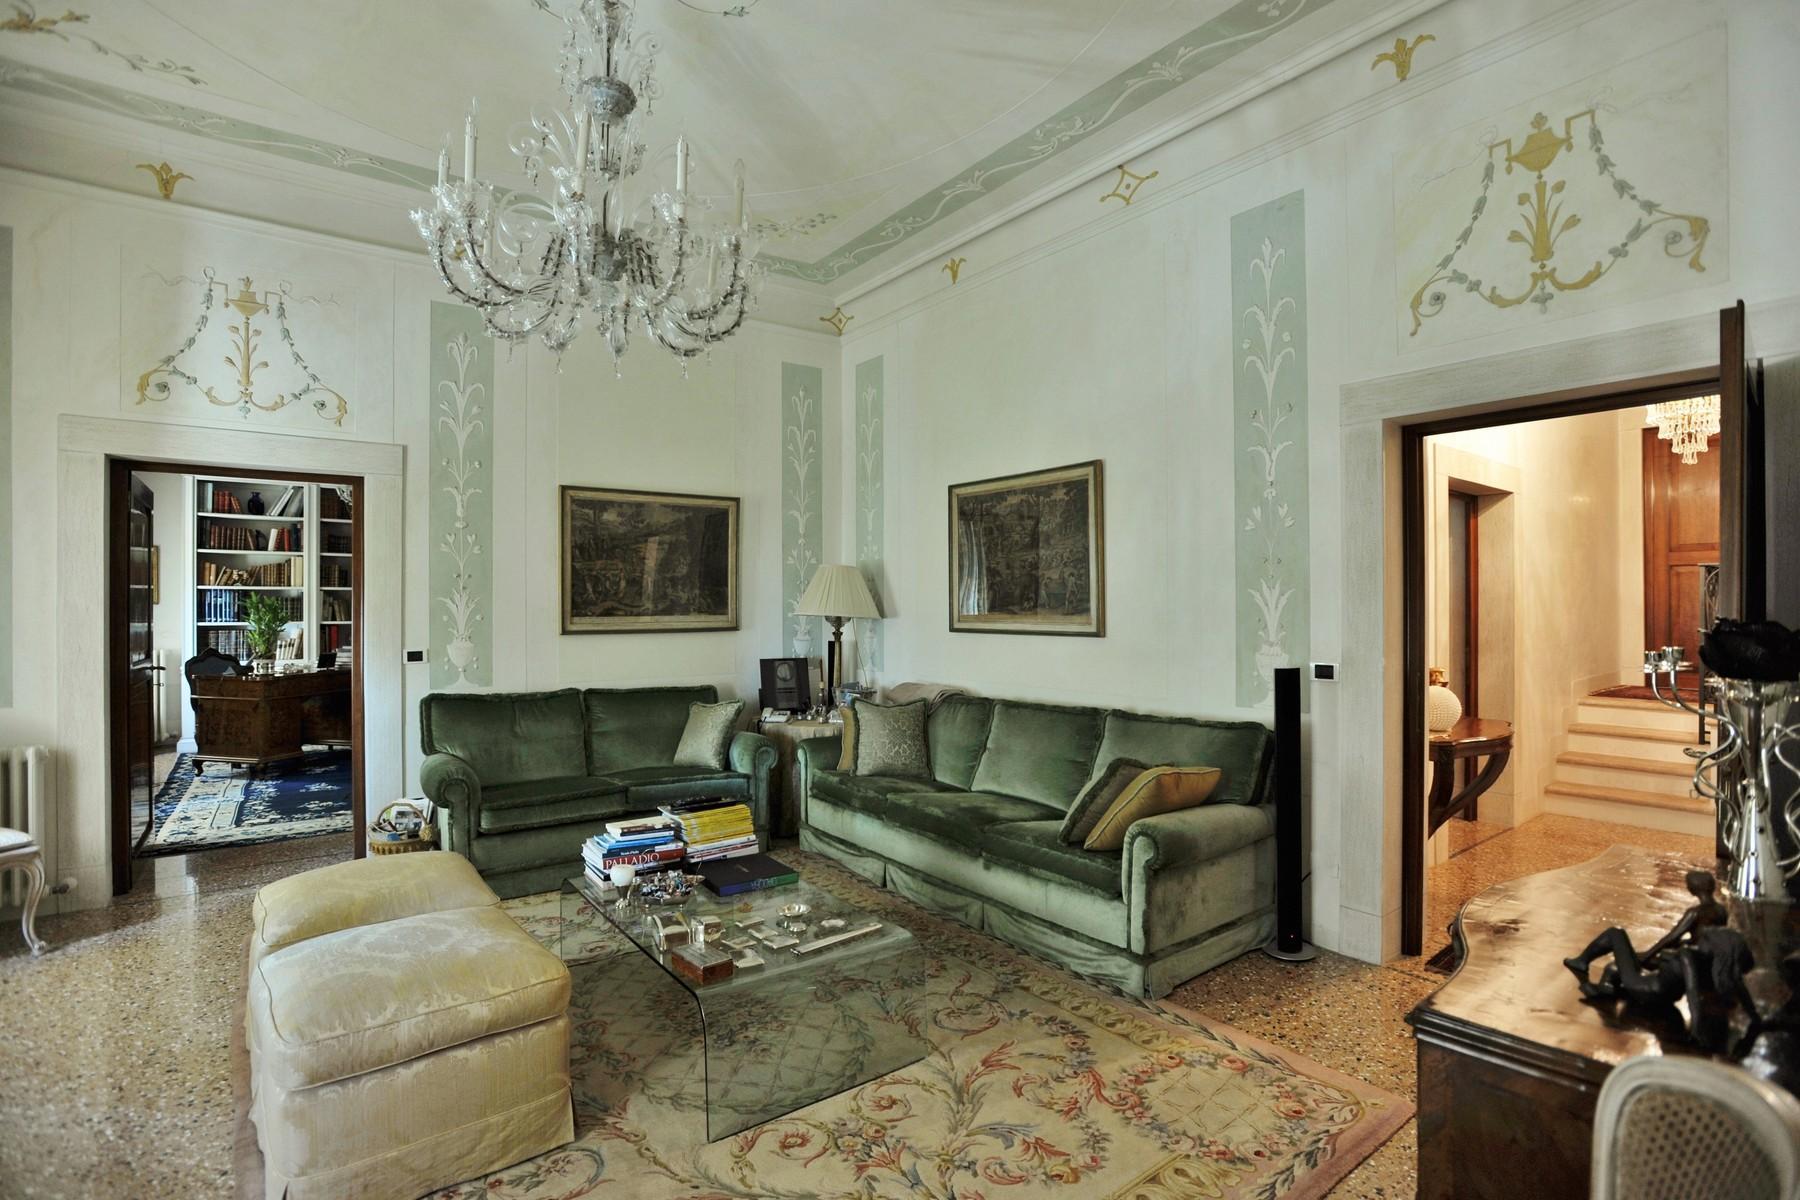 位于壮观的威尼斯别墅主楼层的优雅公寓 - 6